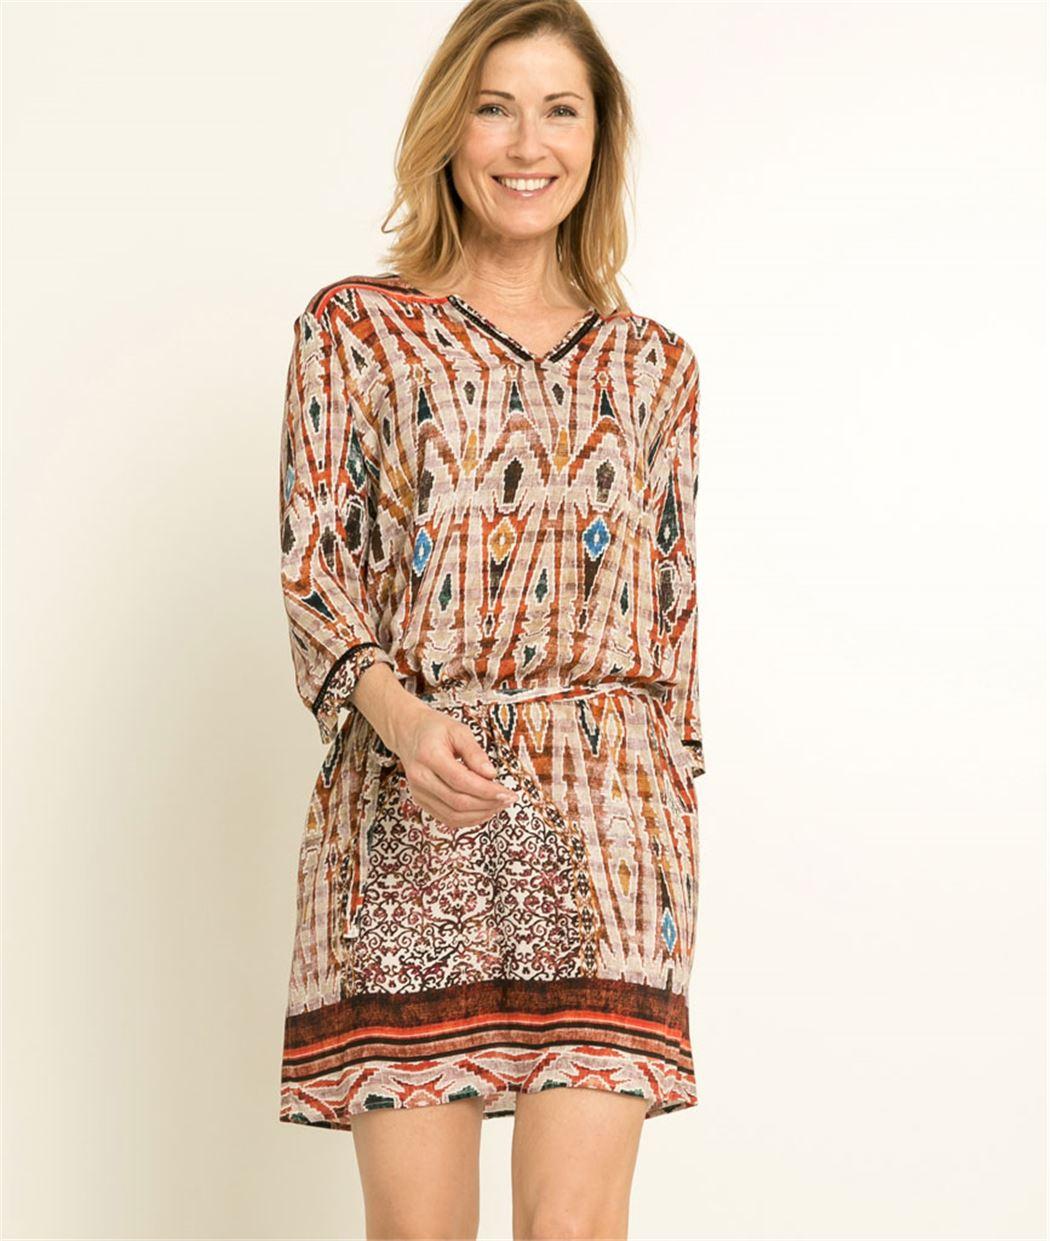 Robe femme imprimé ethnique TERRACOTA